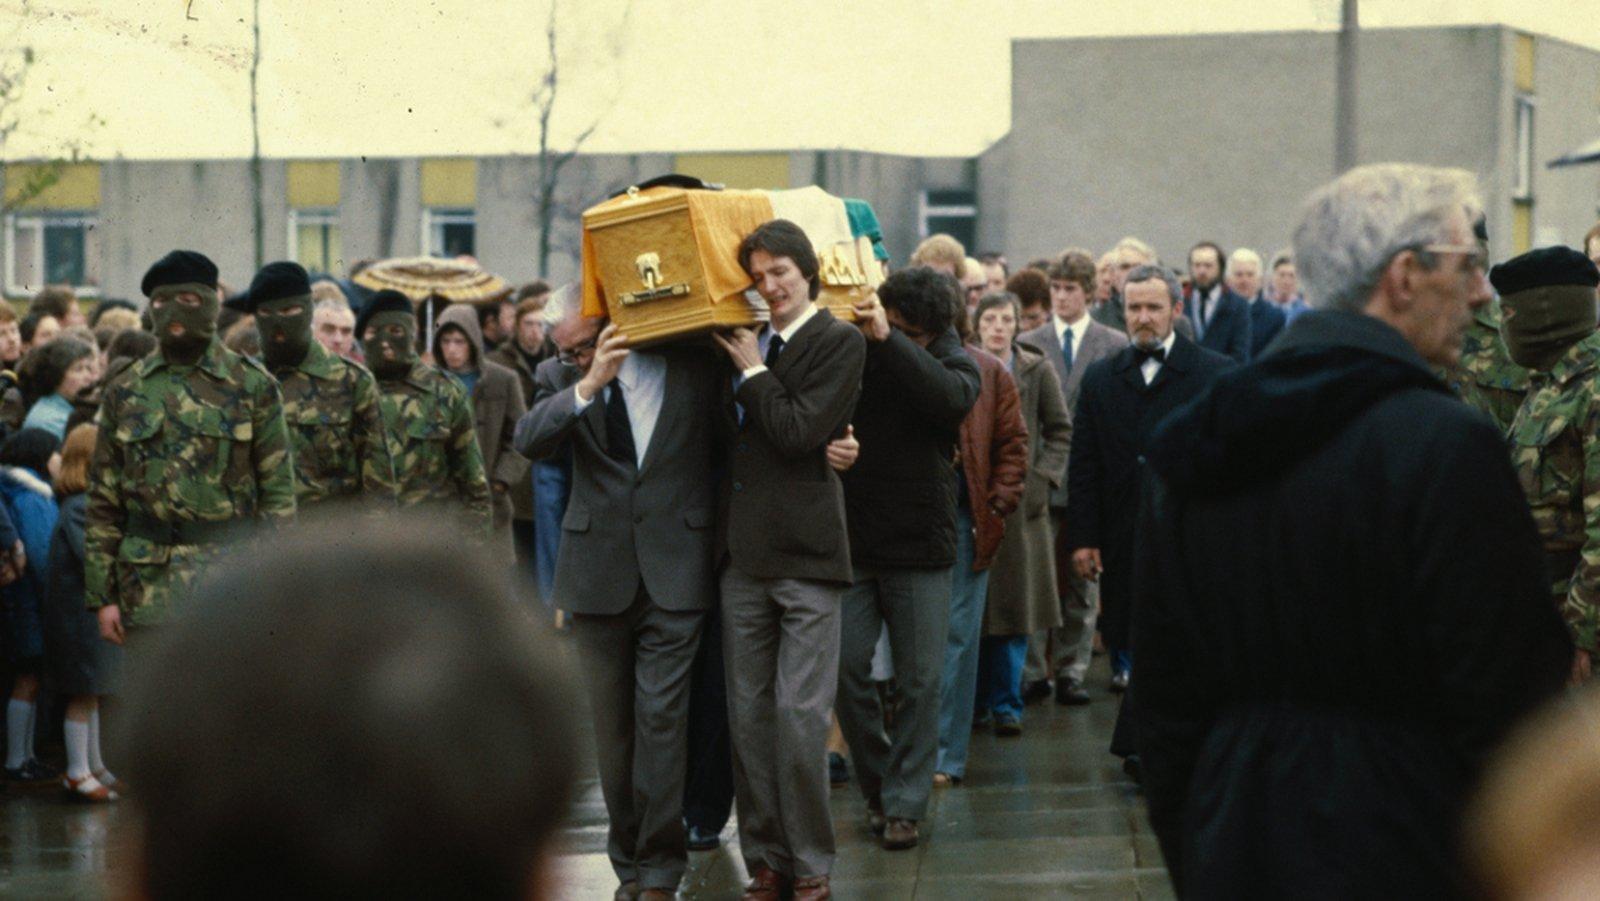 O'Neill dismisses claim over Bobby Sands burial